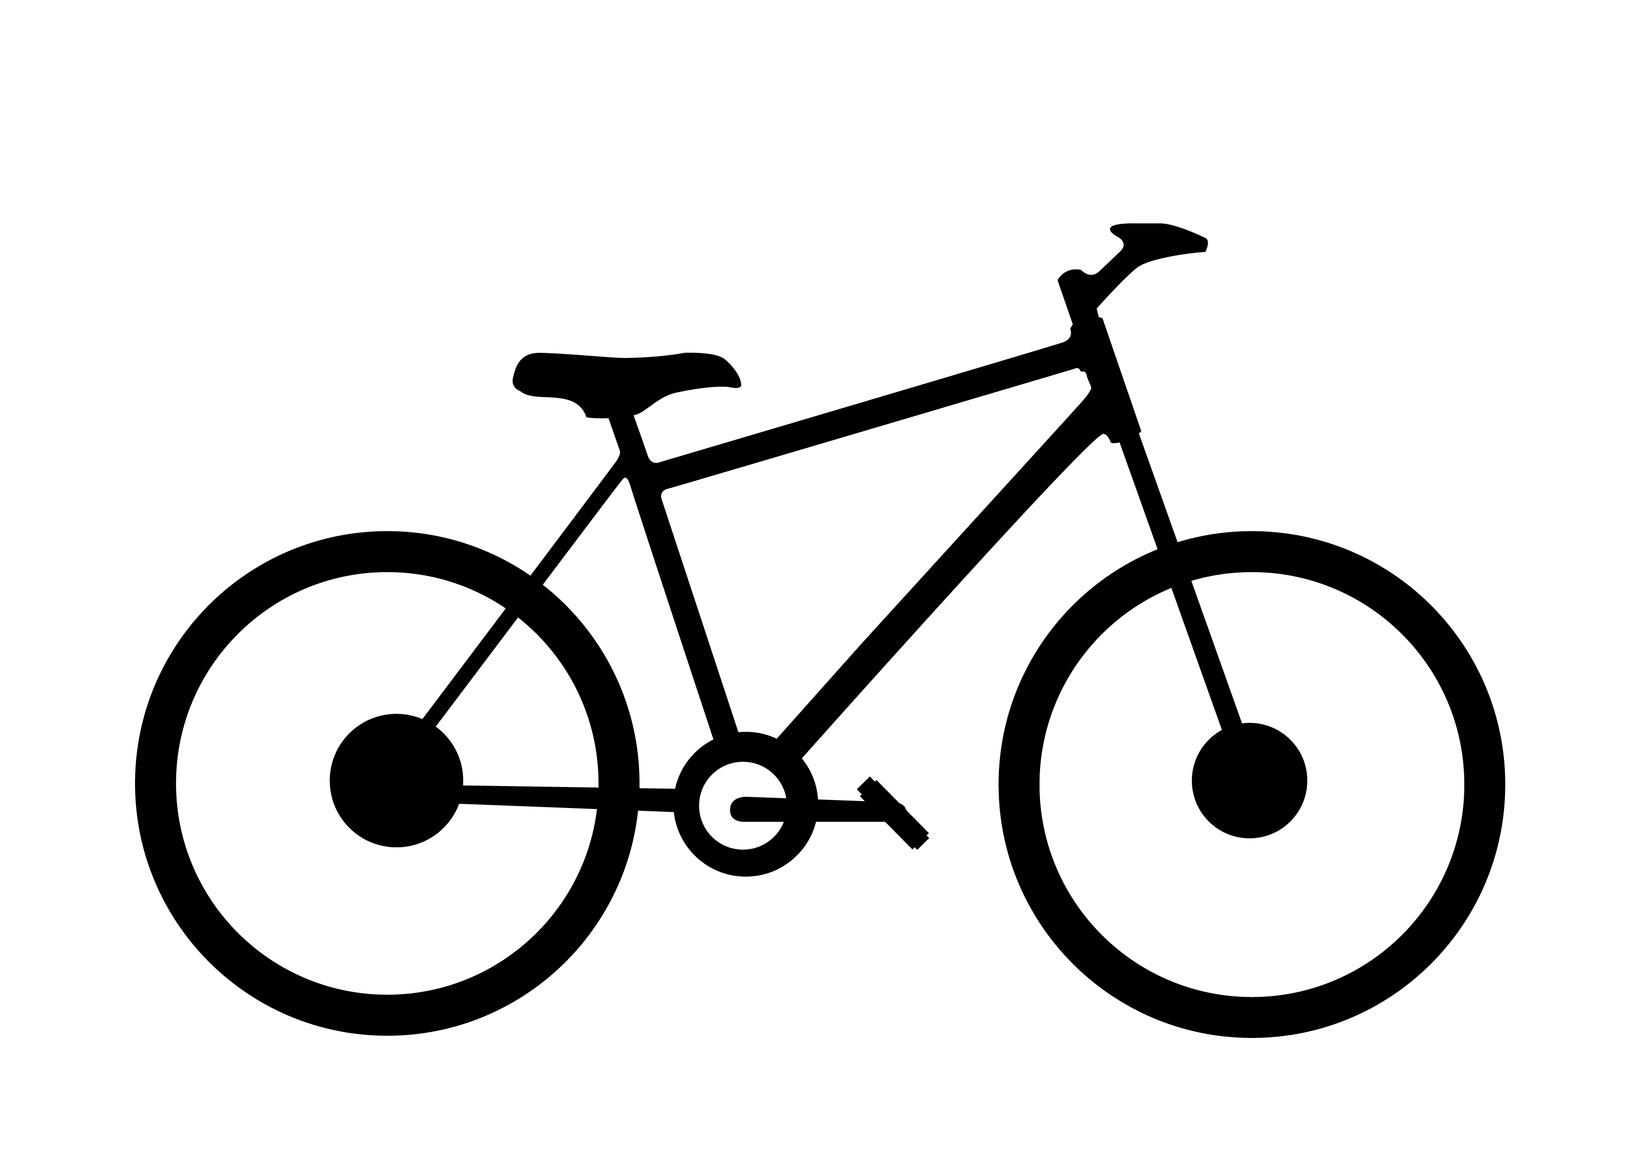 Brakes Put On Town Bike Hire Scheme